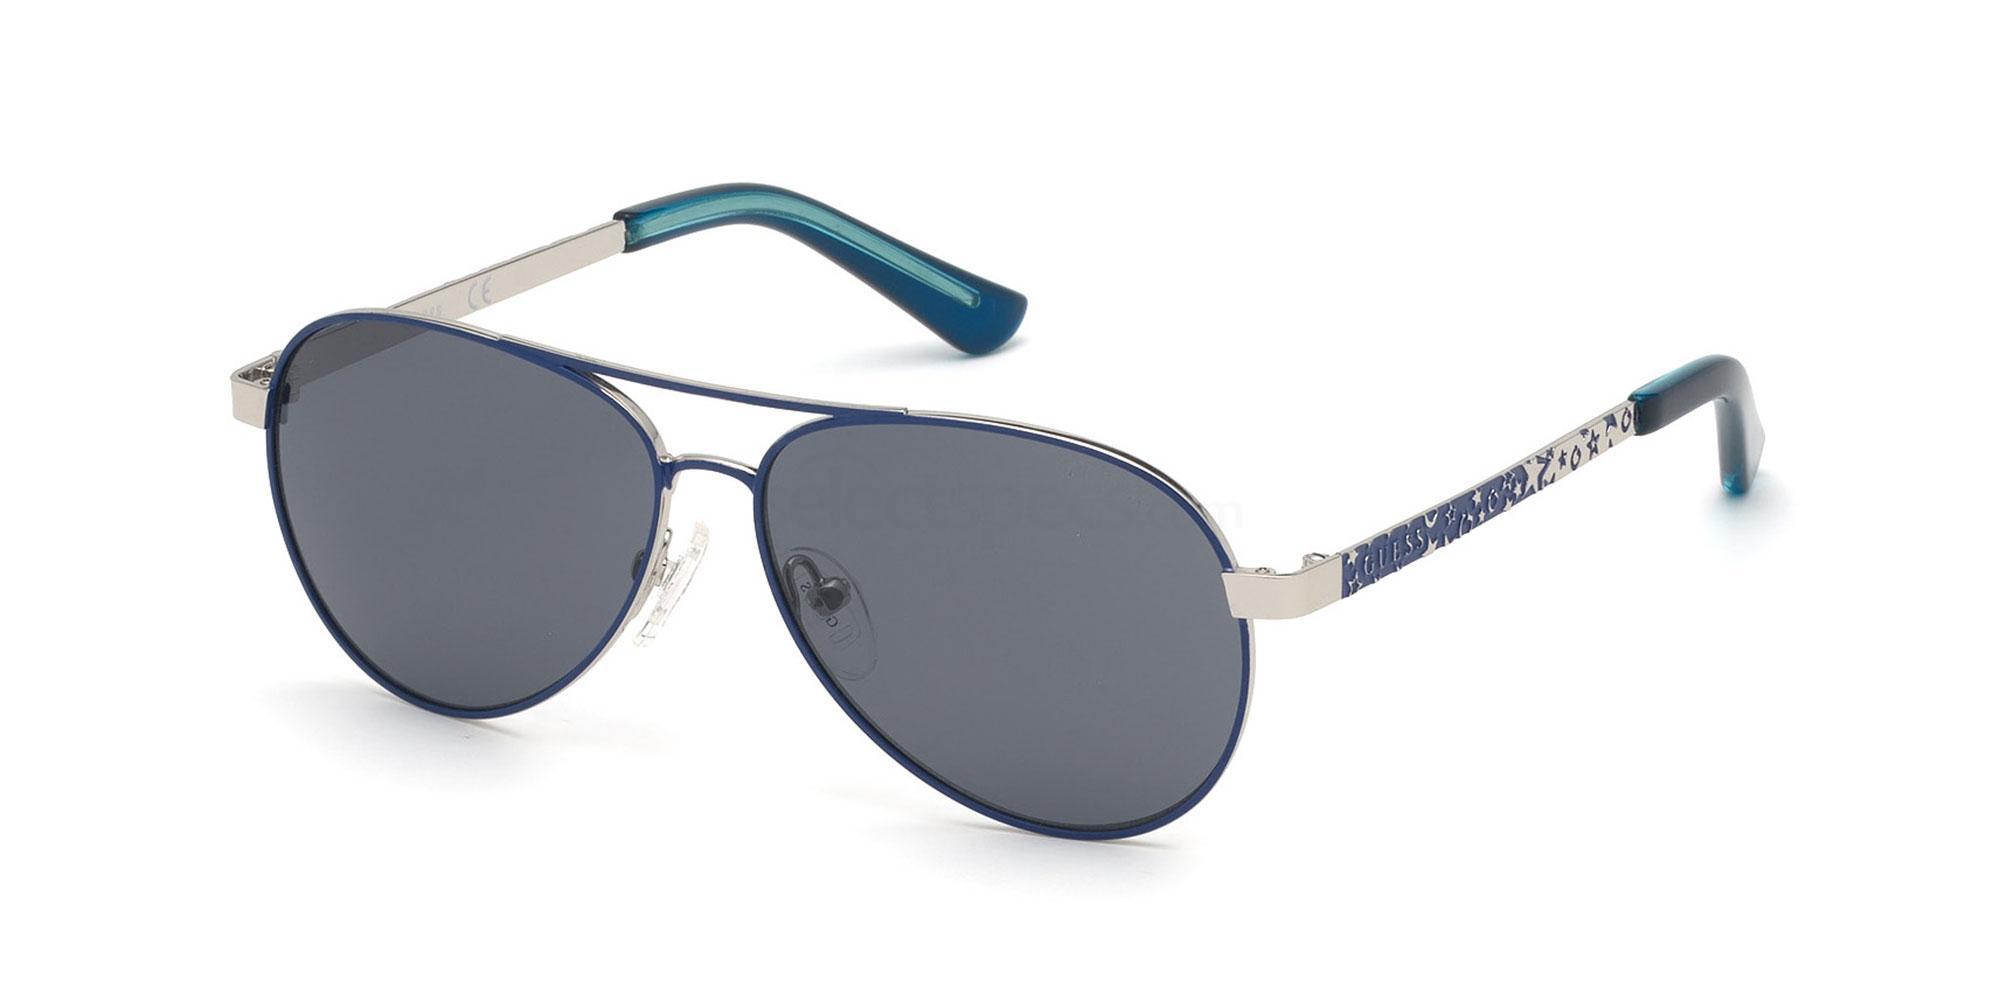 92C GU9187 Sunglasses, GUESS Kids